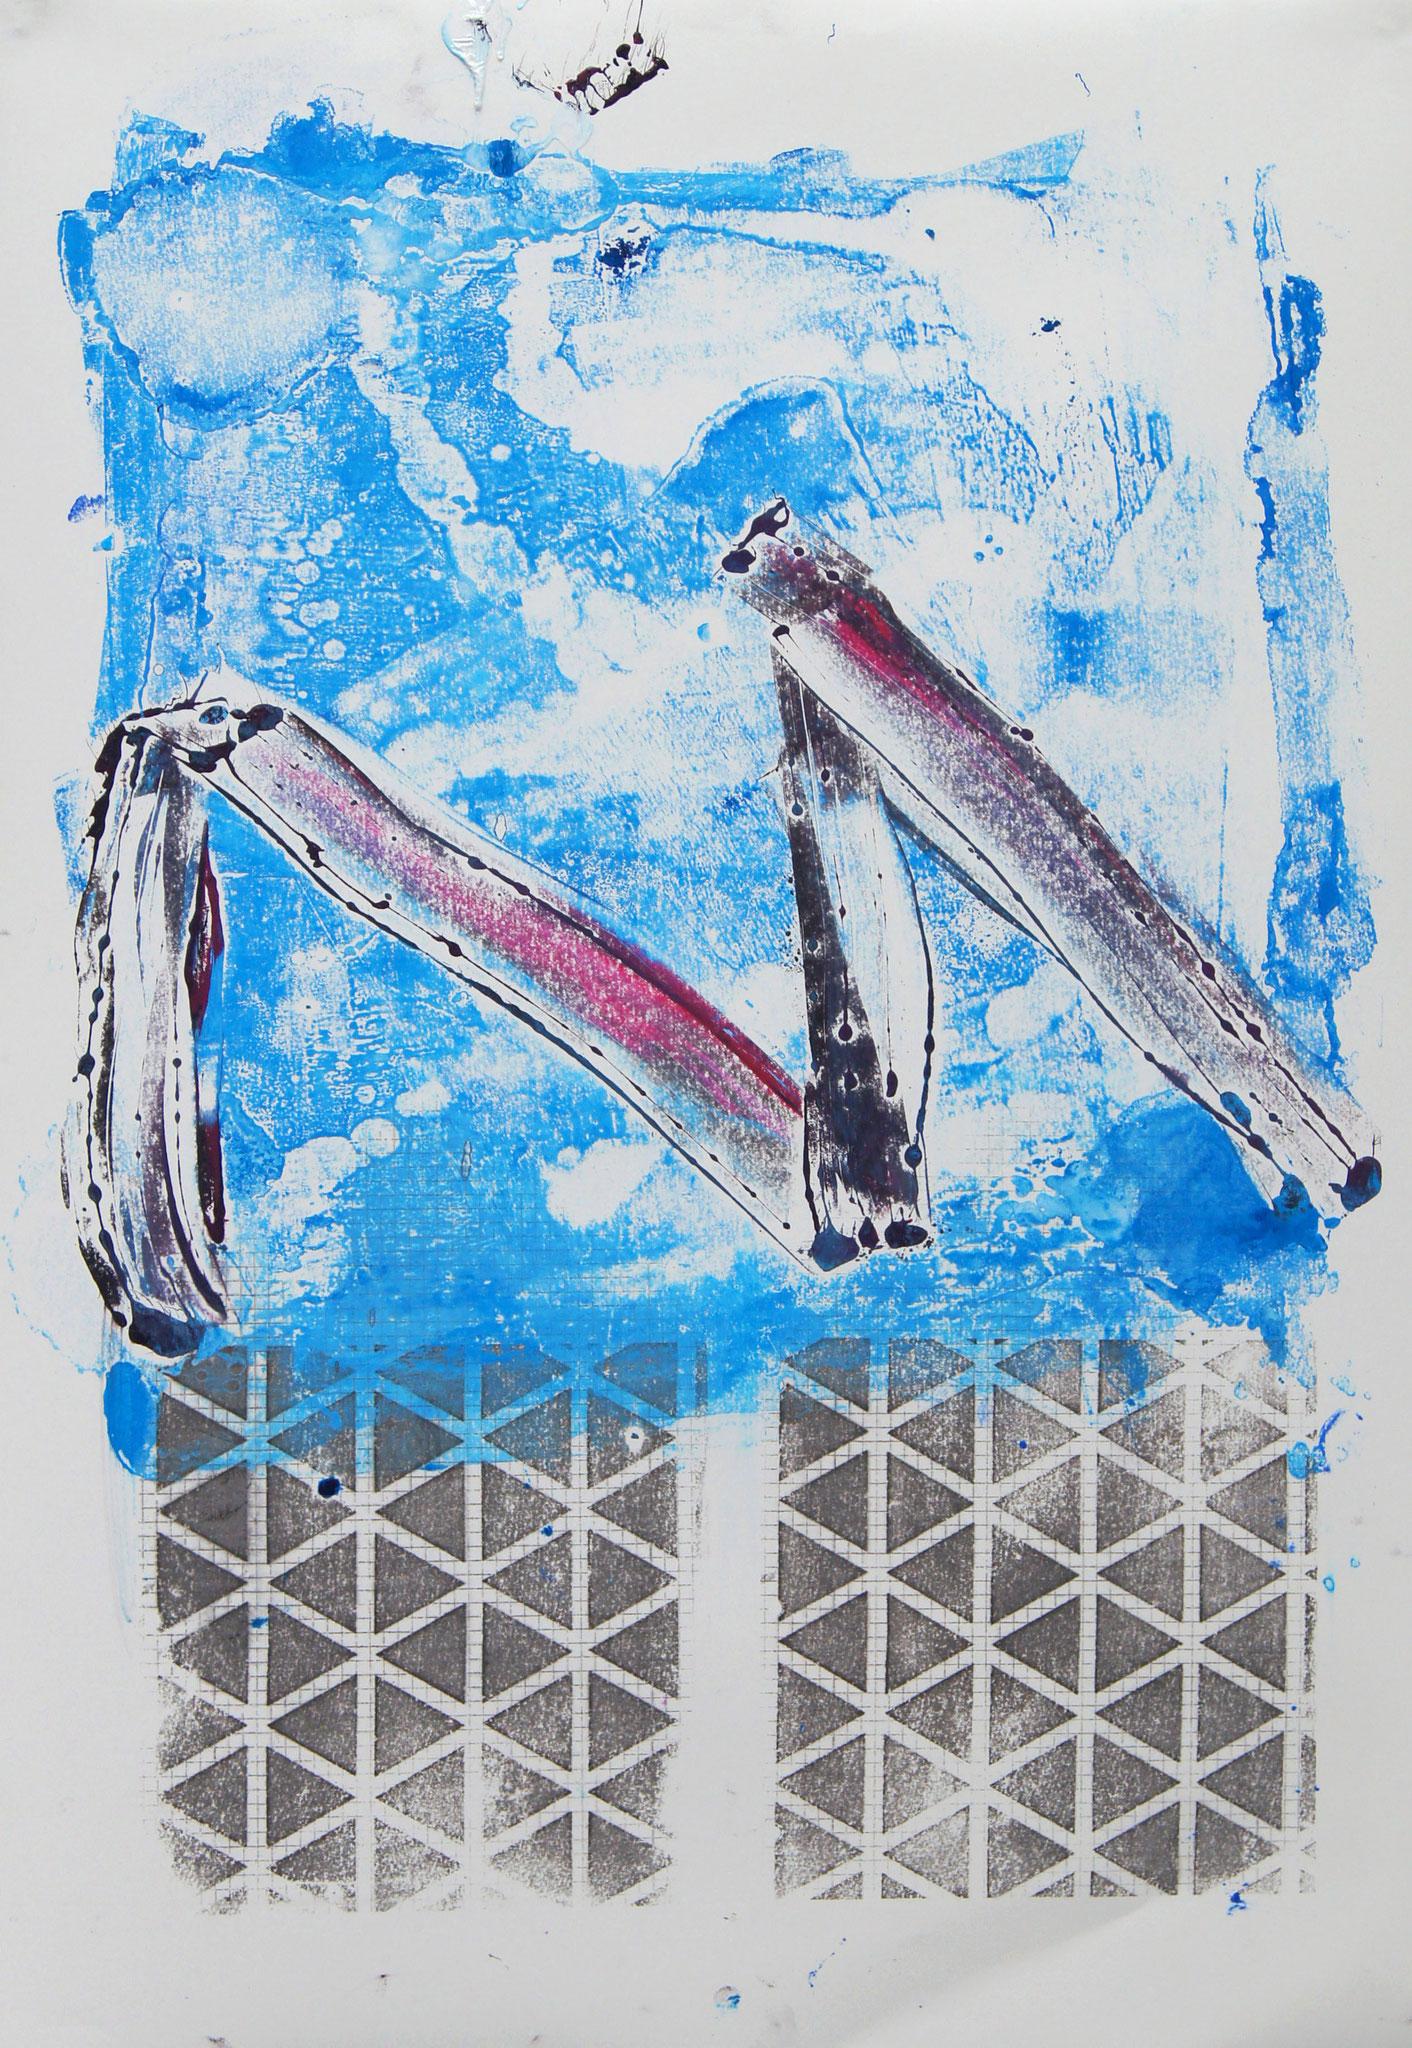 Emma und Paul  Mischtechnik aus Monotypie und Transferdruck, 53x73 cm